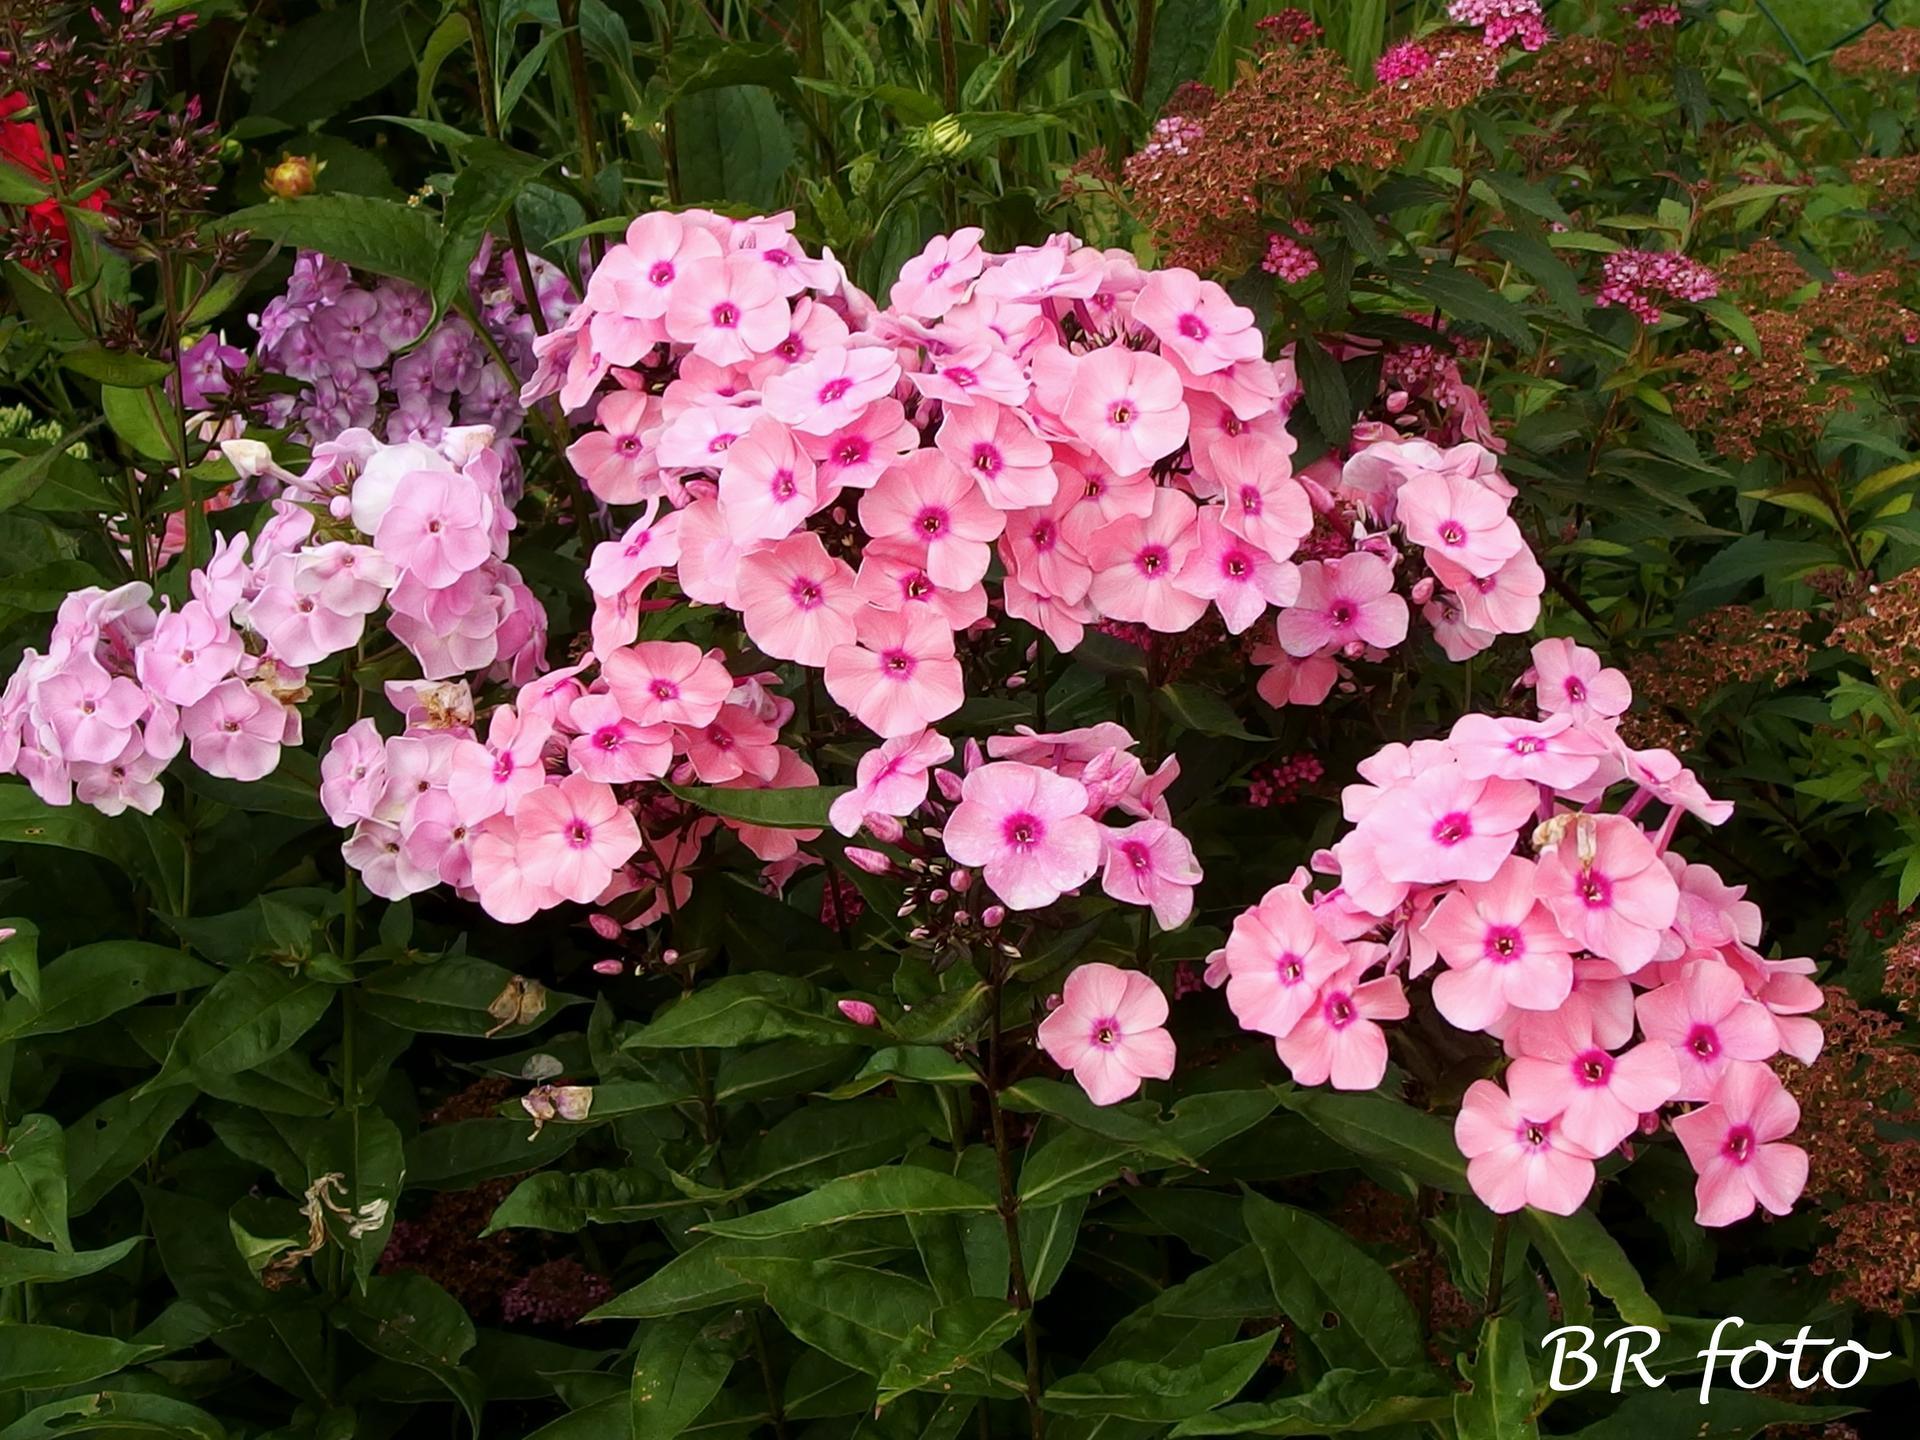 Zahrada v létě - floxy, ani nevím, kolik mám odrůd